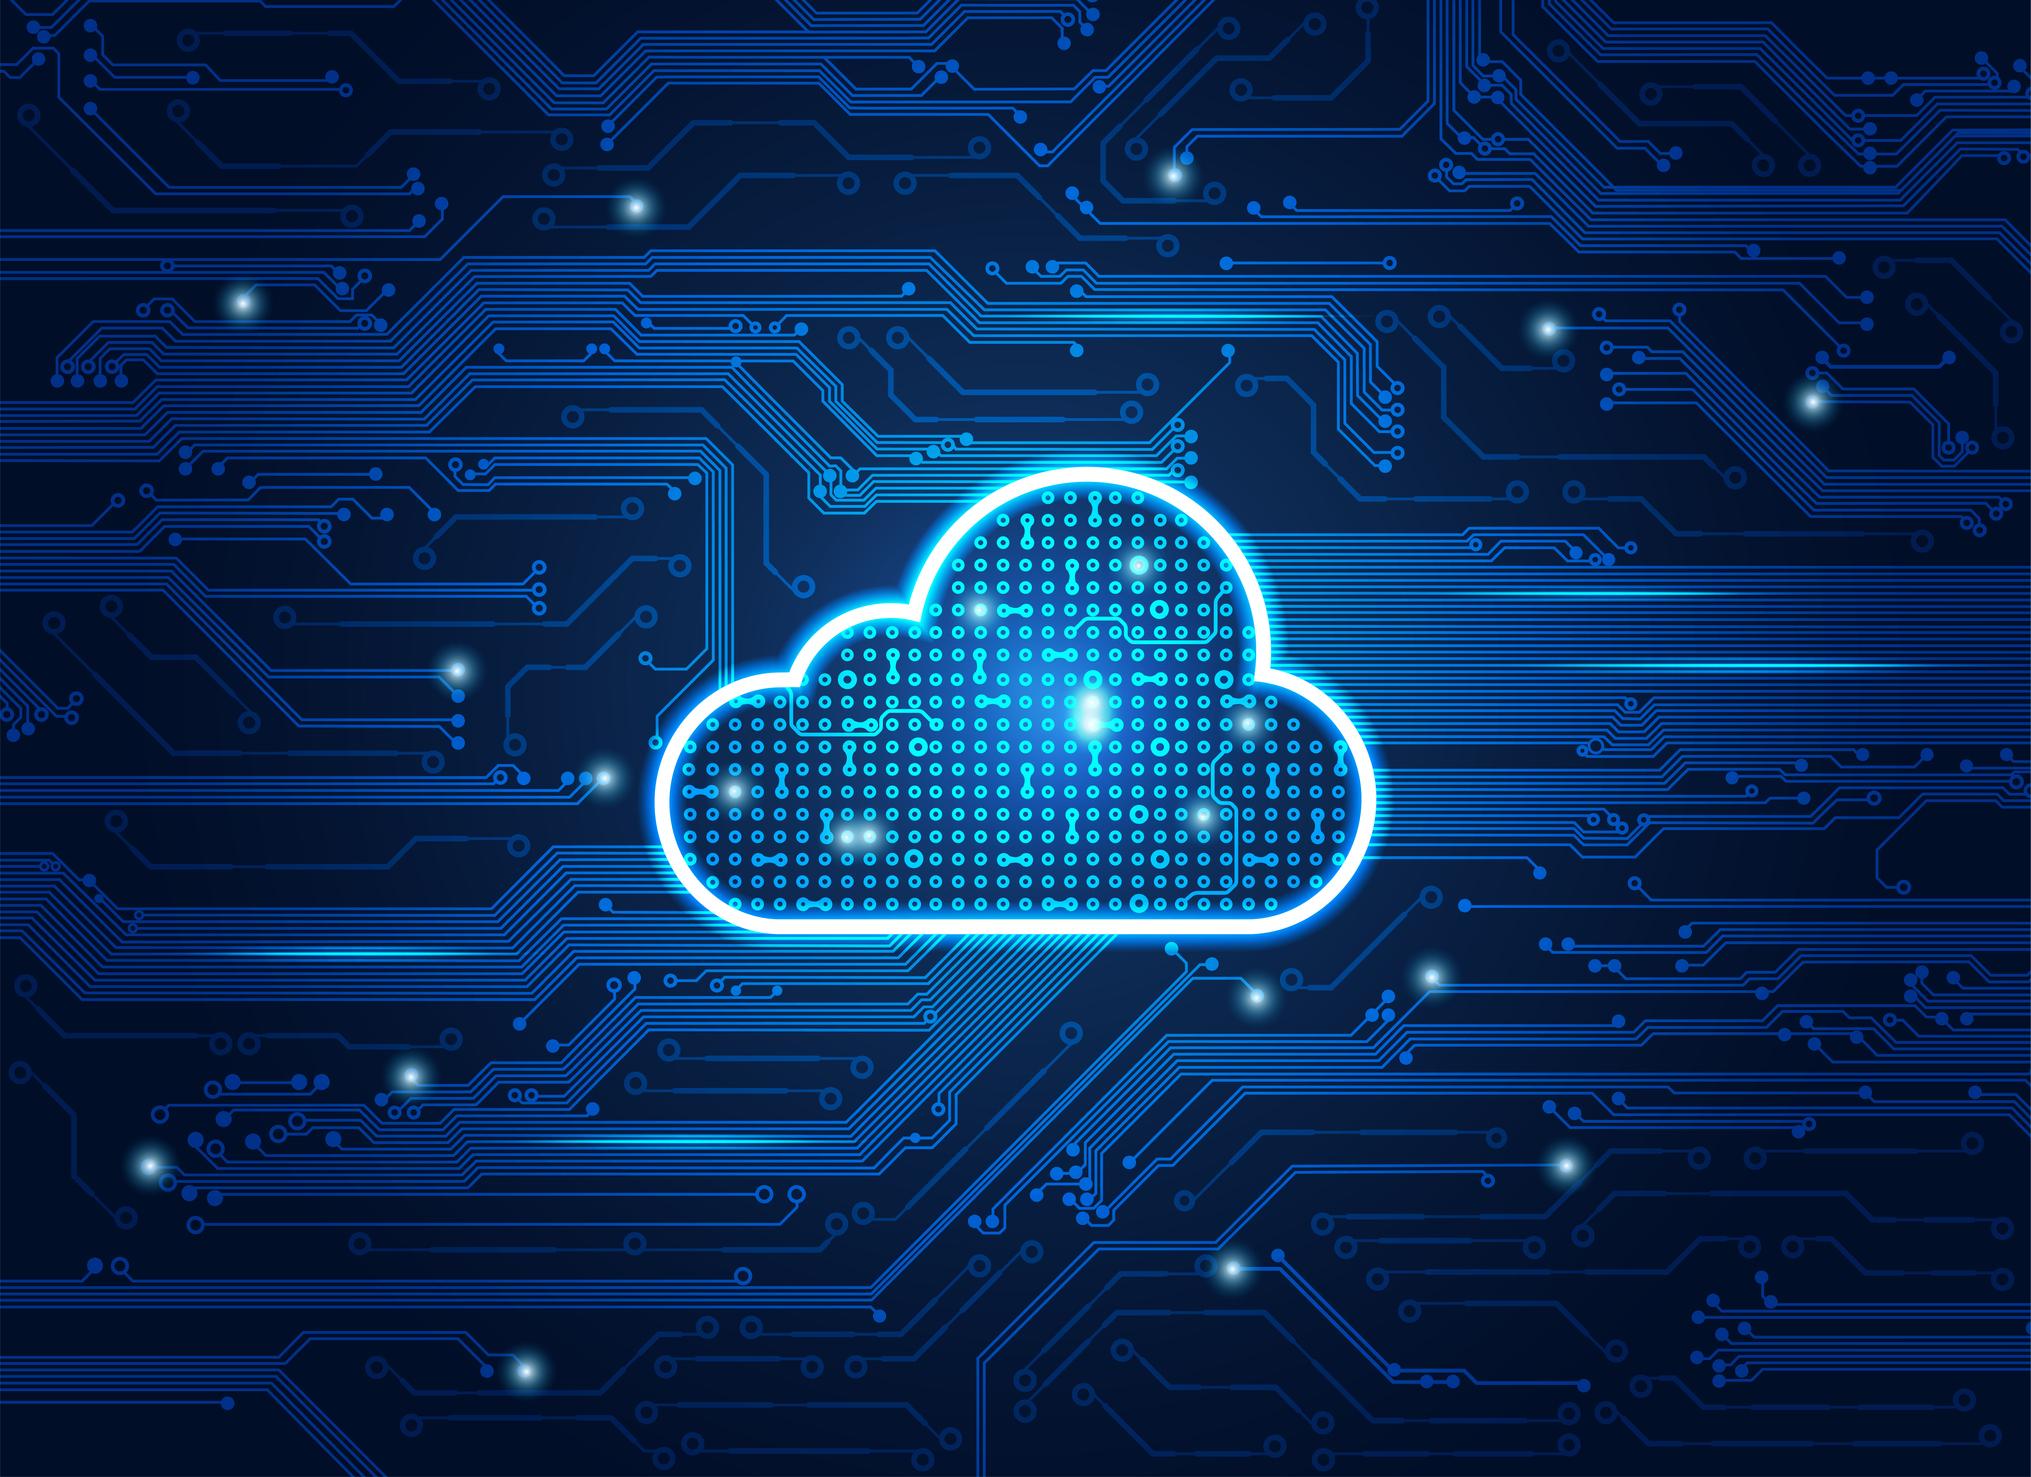 A digital-looking cloud.